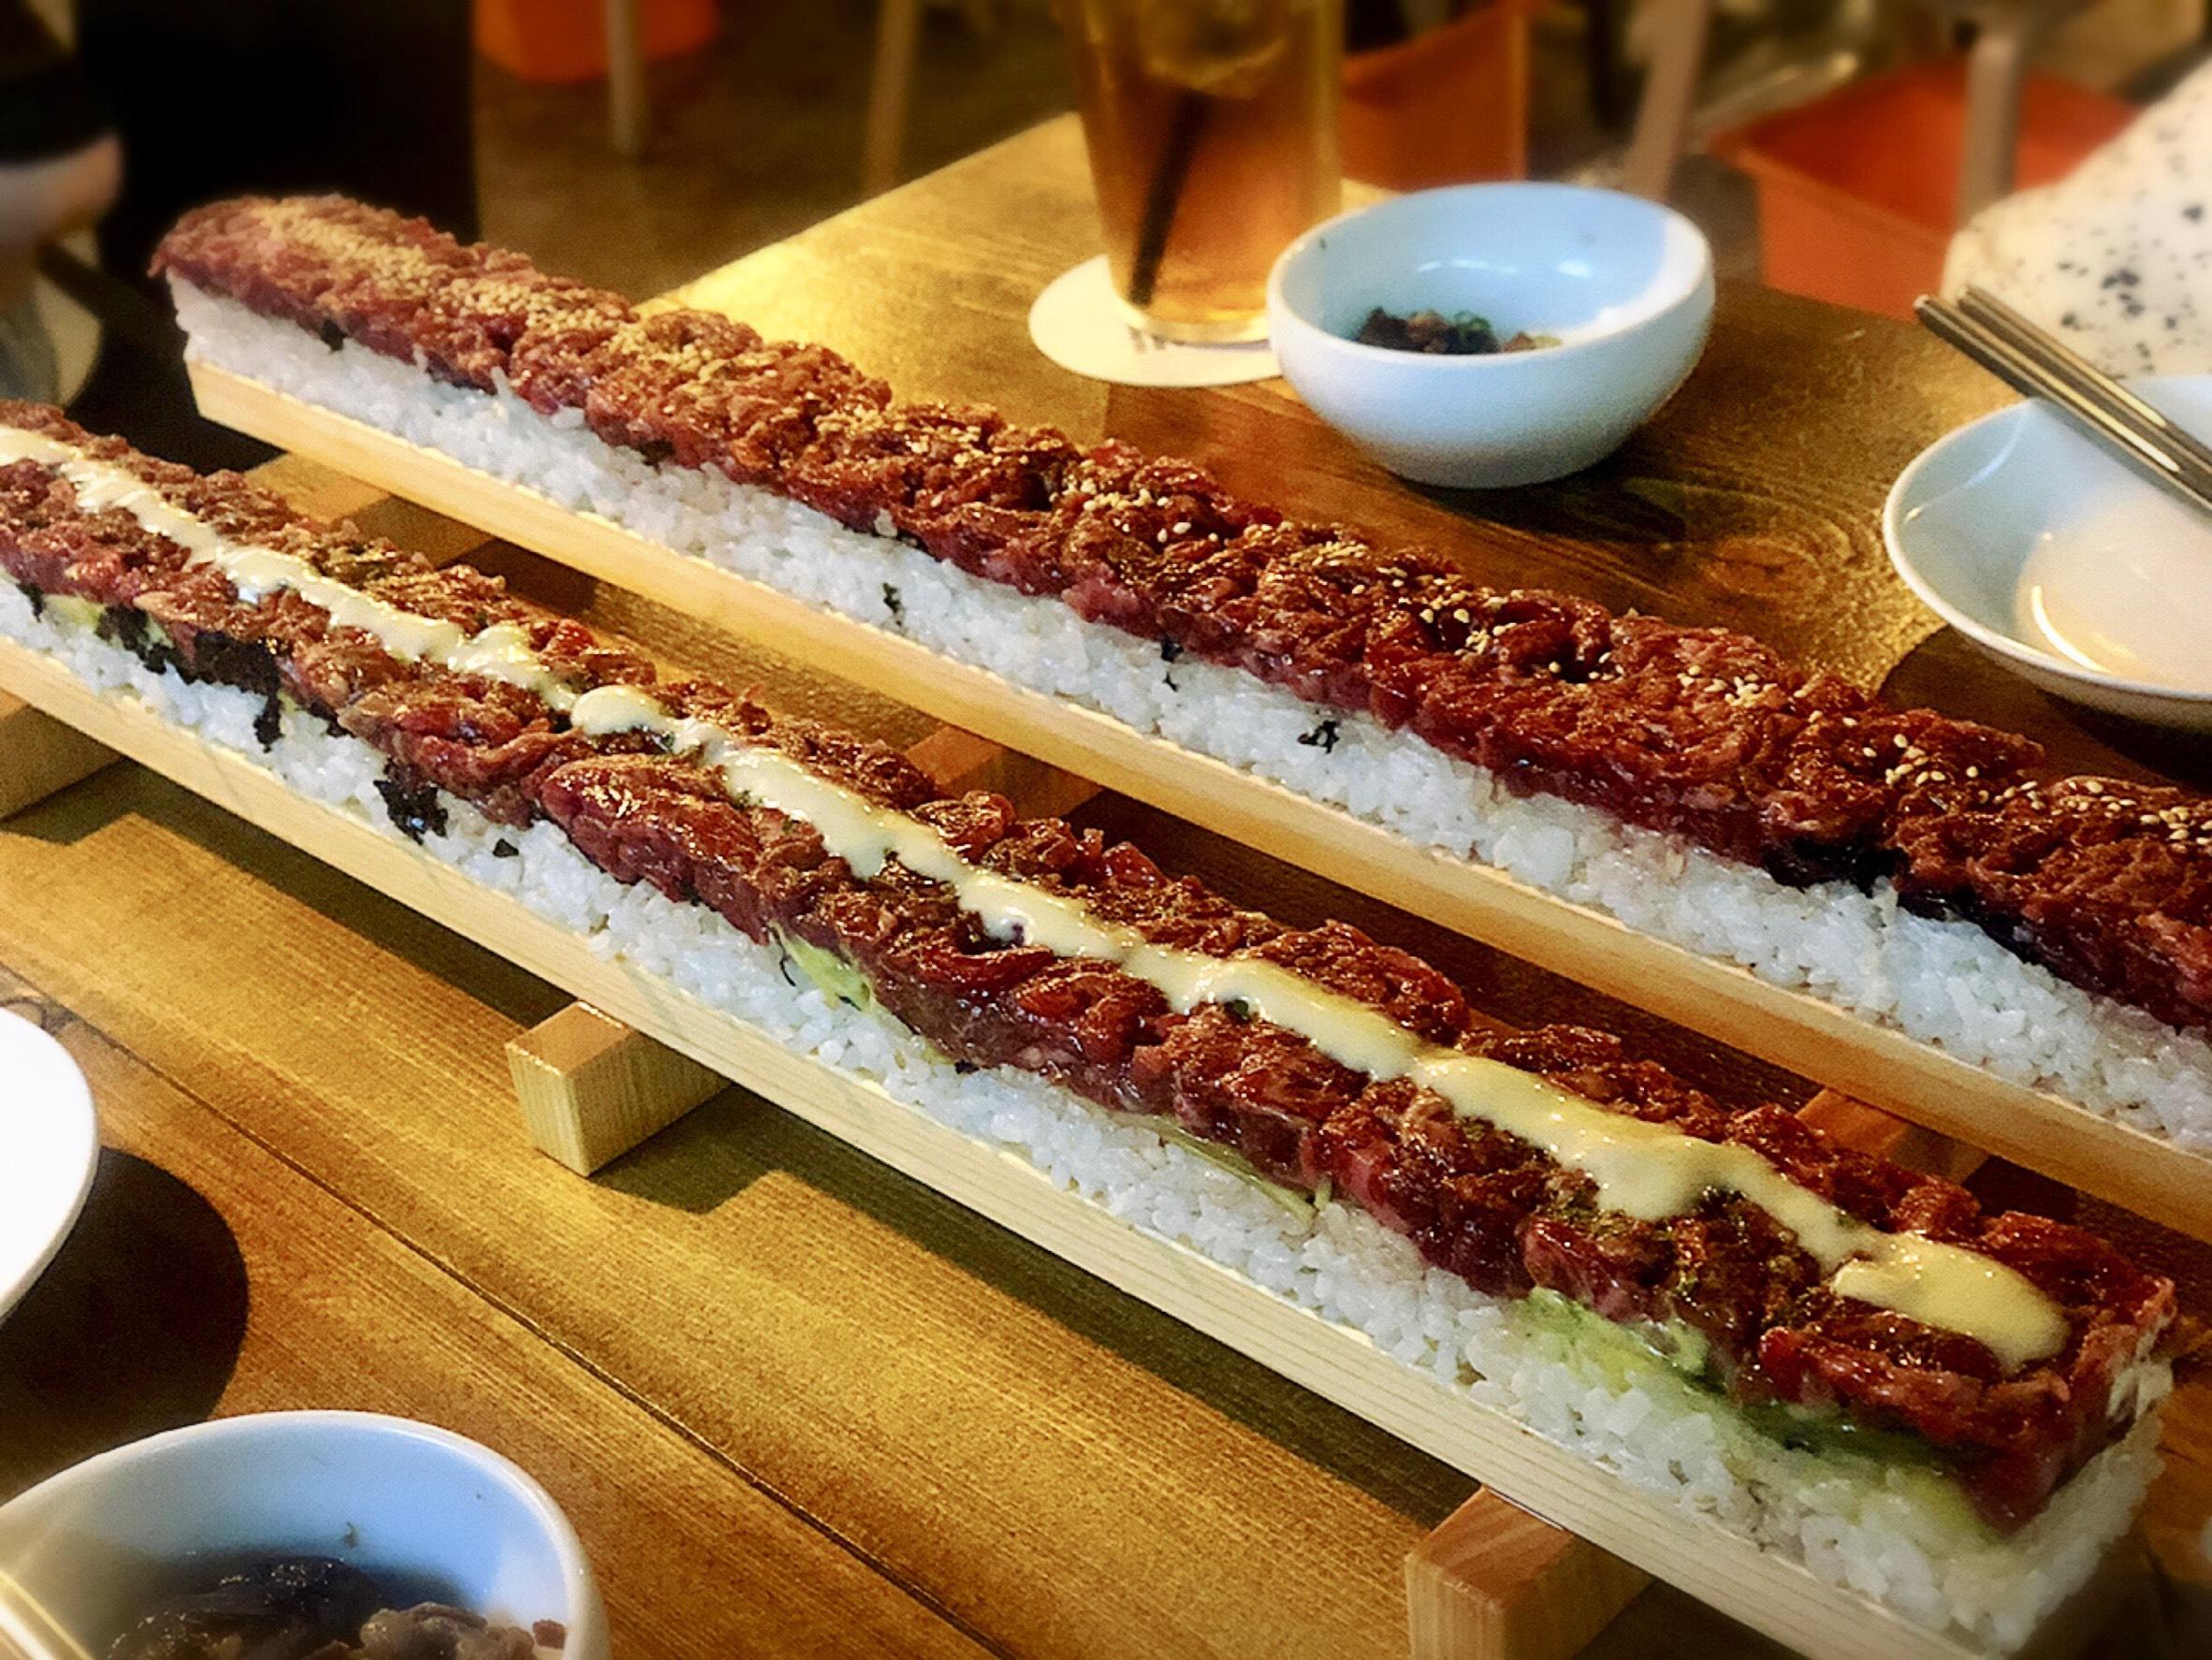 【新大久保でインスタ映え!】圧巻の50cmの特大ユッケ寿司を食べてきました♡_1